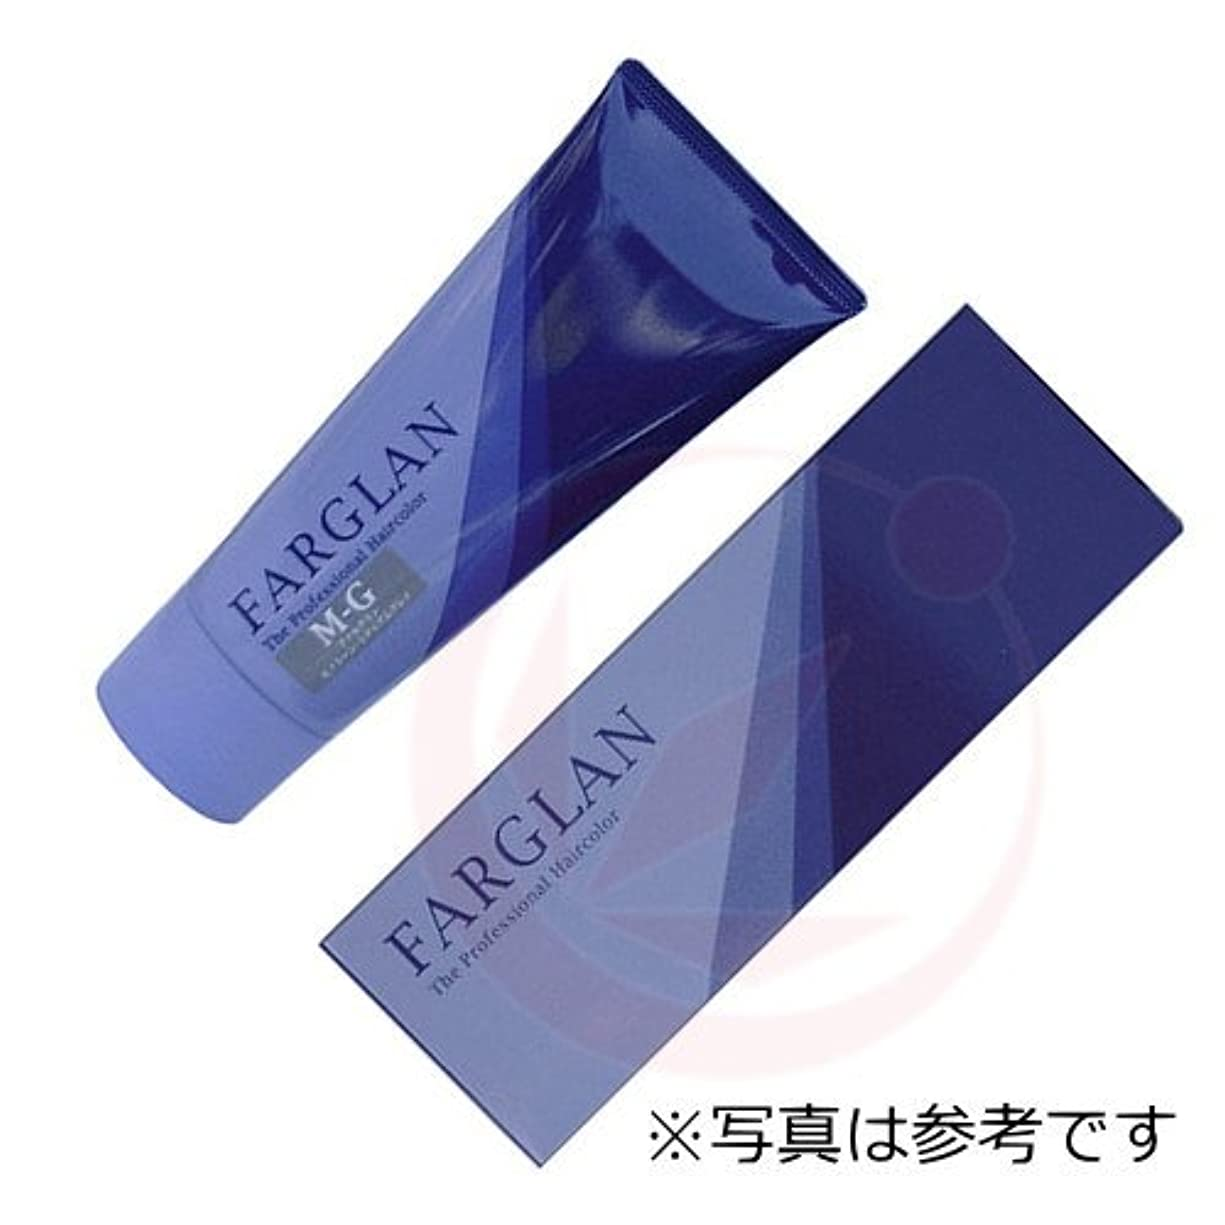 暴動ルーキー杖ミルボン ファルグラン ビビットライン (ヘアマニキュア) 160g 【ブルー】BL